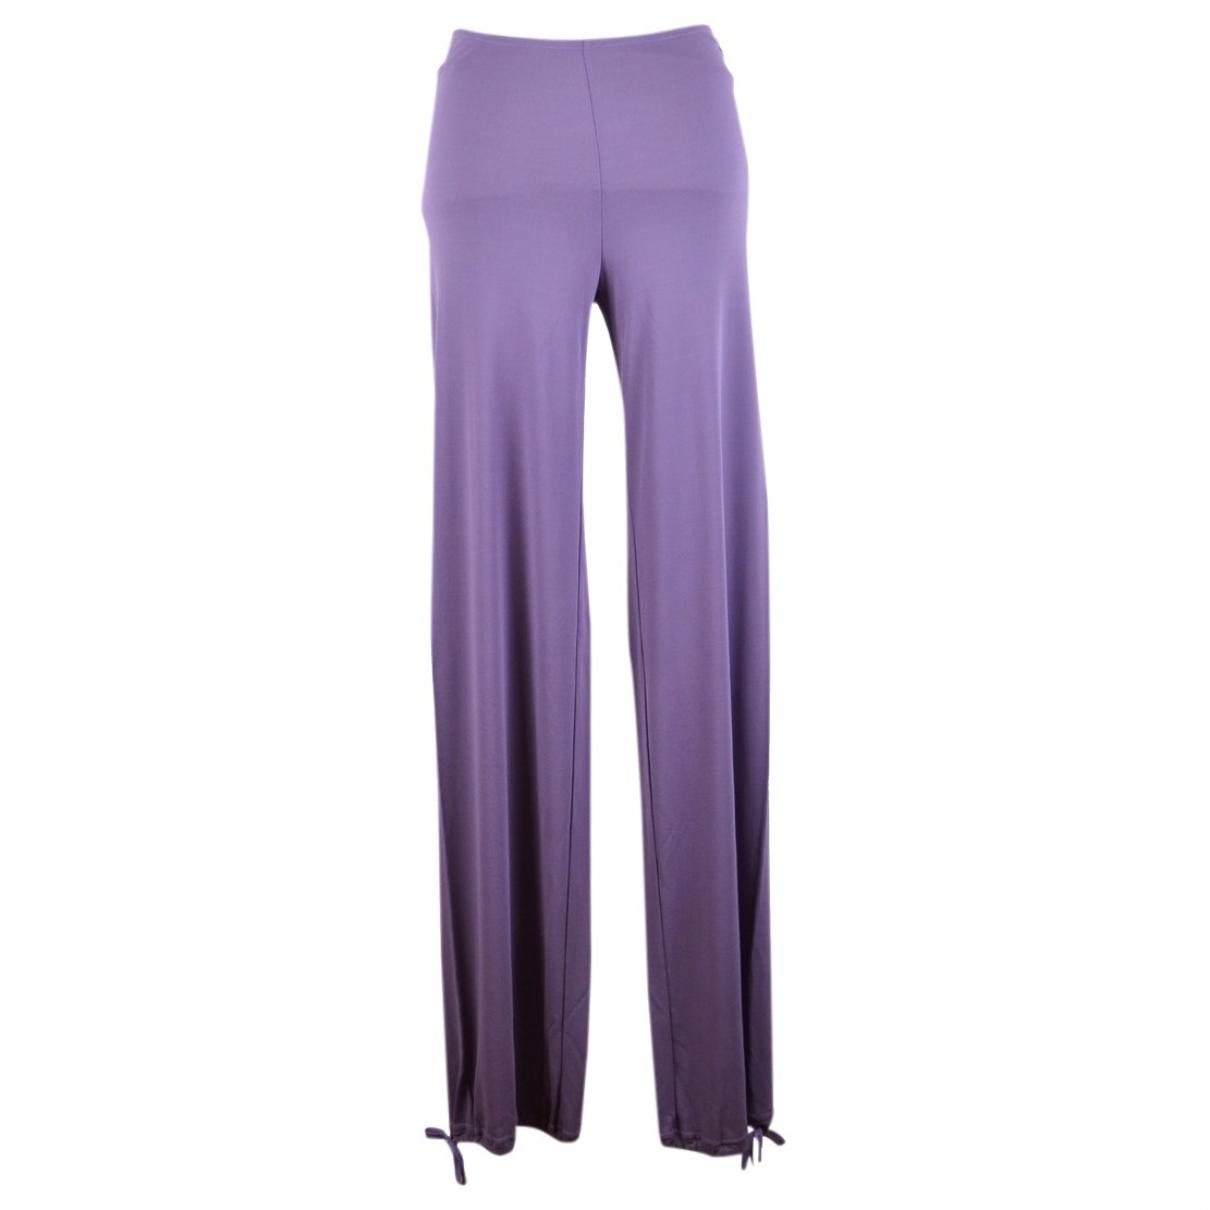 Pantalon de Lona Jean Paul Gaultier